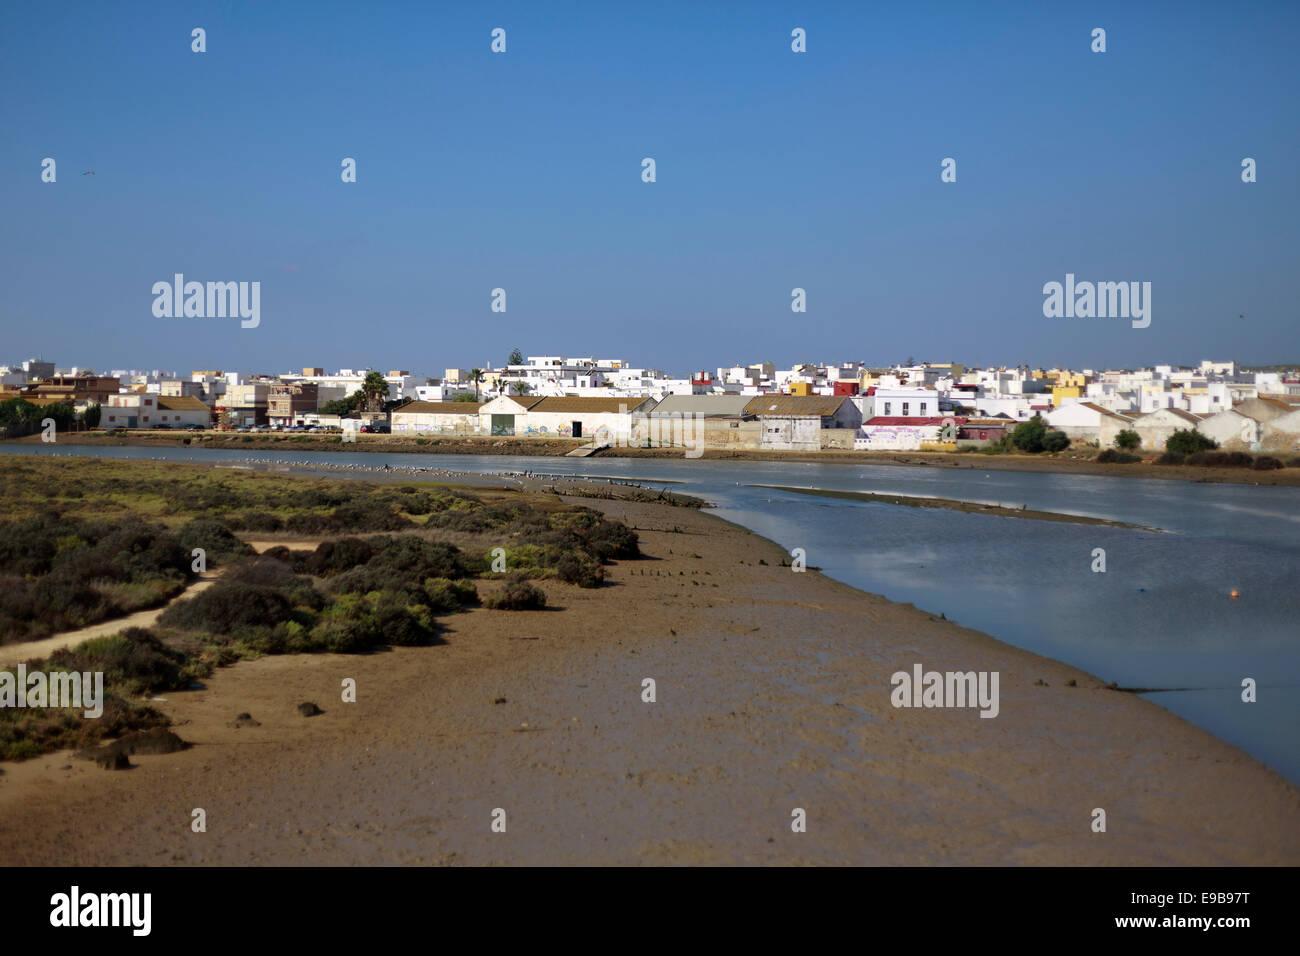 Einen Überblick über das Marschland Anschluss an Spanien Andalusien Barbate Fluss neben dem alten Hafen; Stockbild